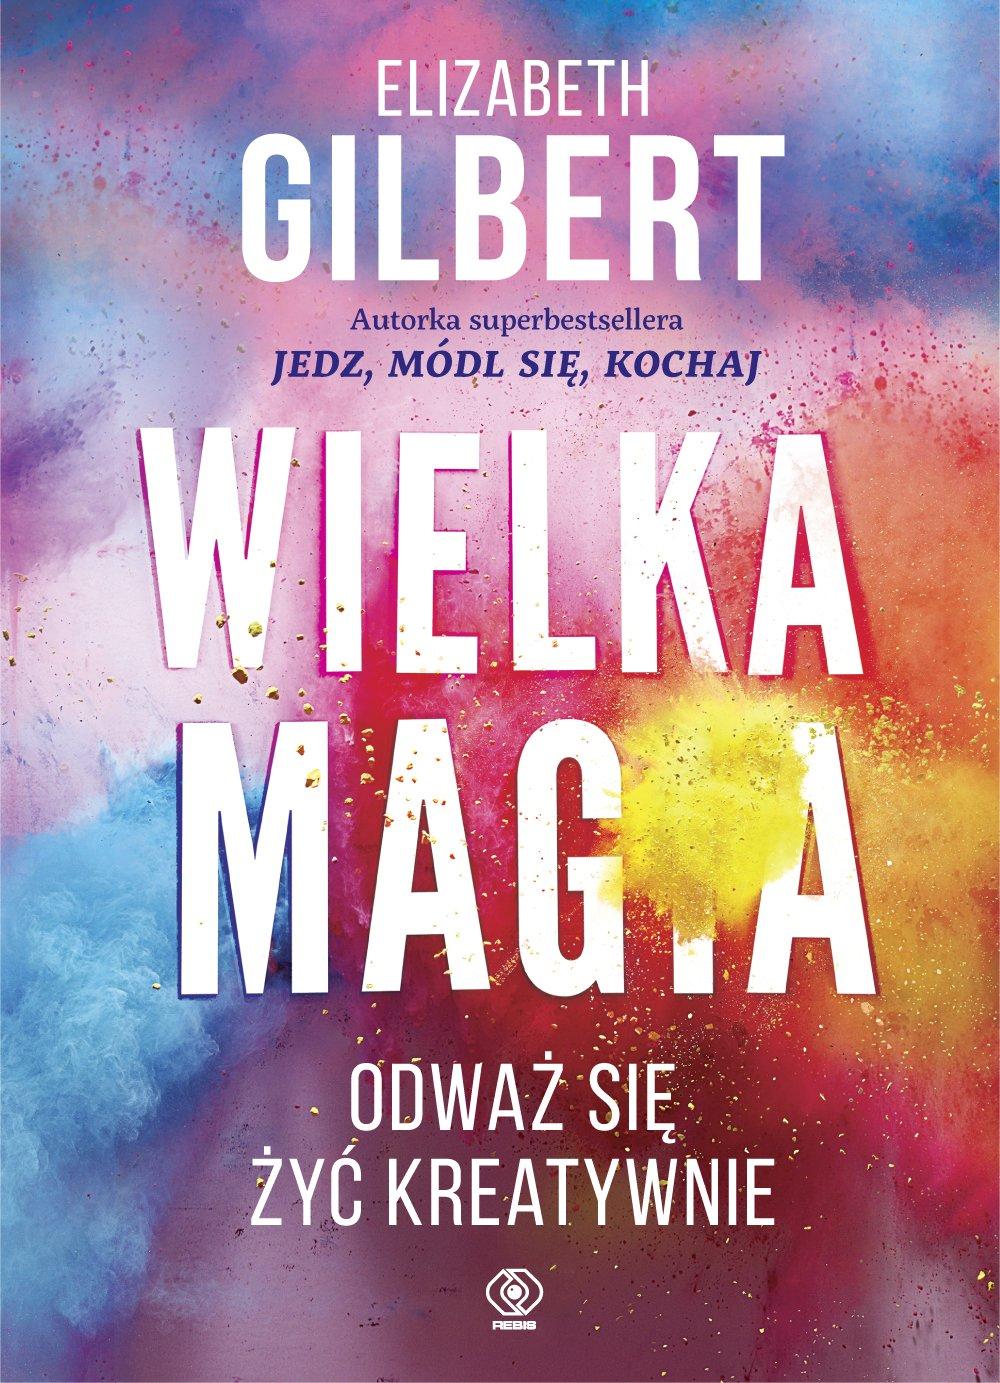 Wielka Magia - Ebook (Książka EPUB) do pobrania w formacie EPUB